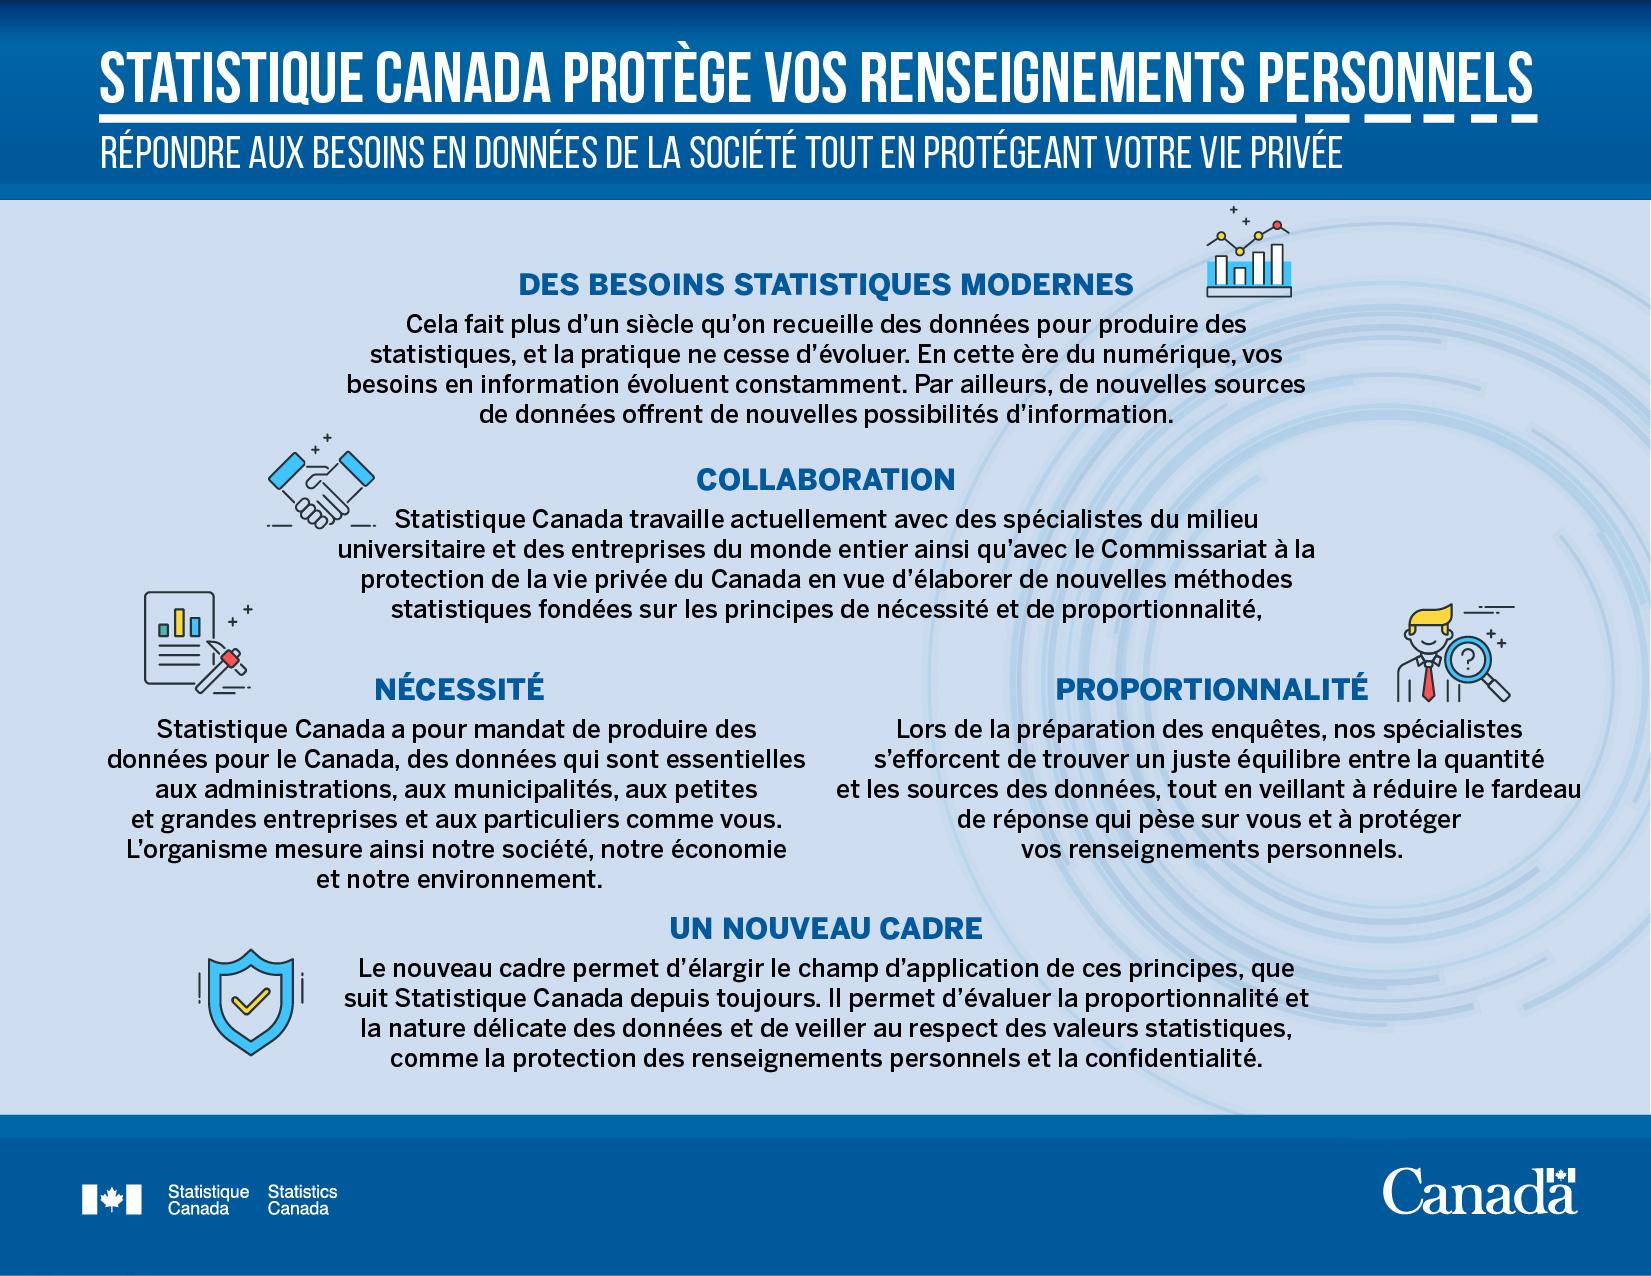 Fiche d'information - Statistique Canada protège vos renseignements personnels : Répondre aux besoins en données de la société tout en protégeant votre vie privée